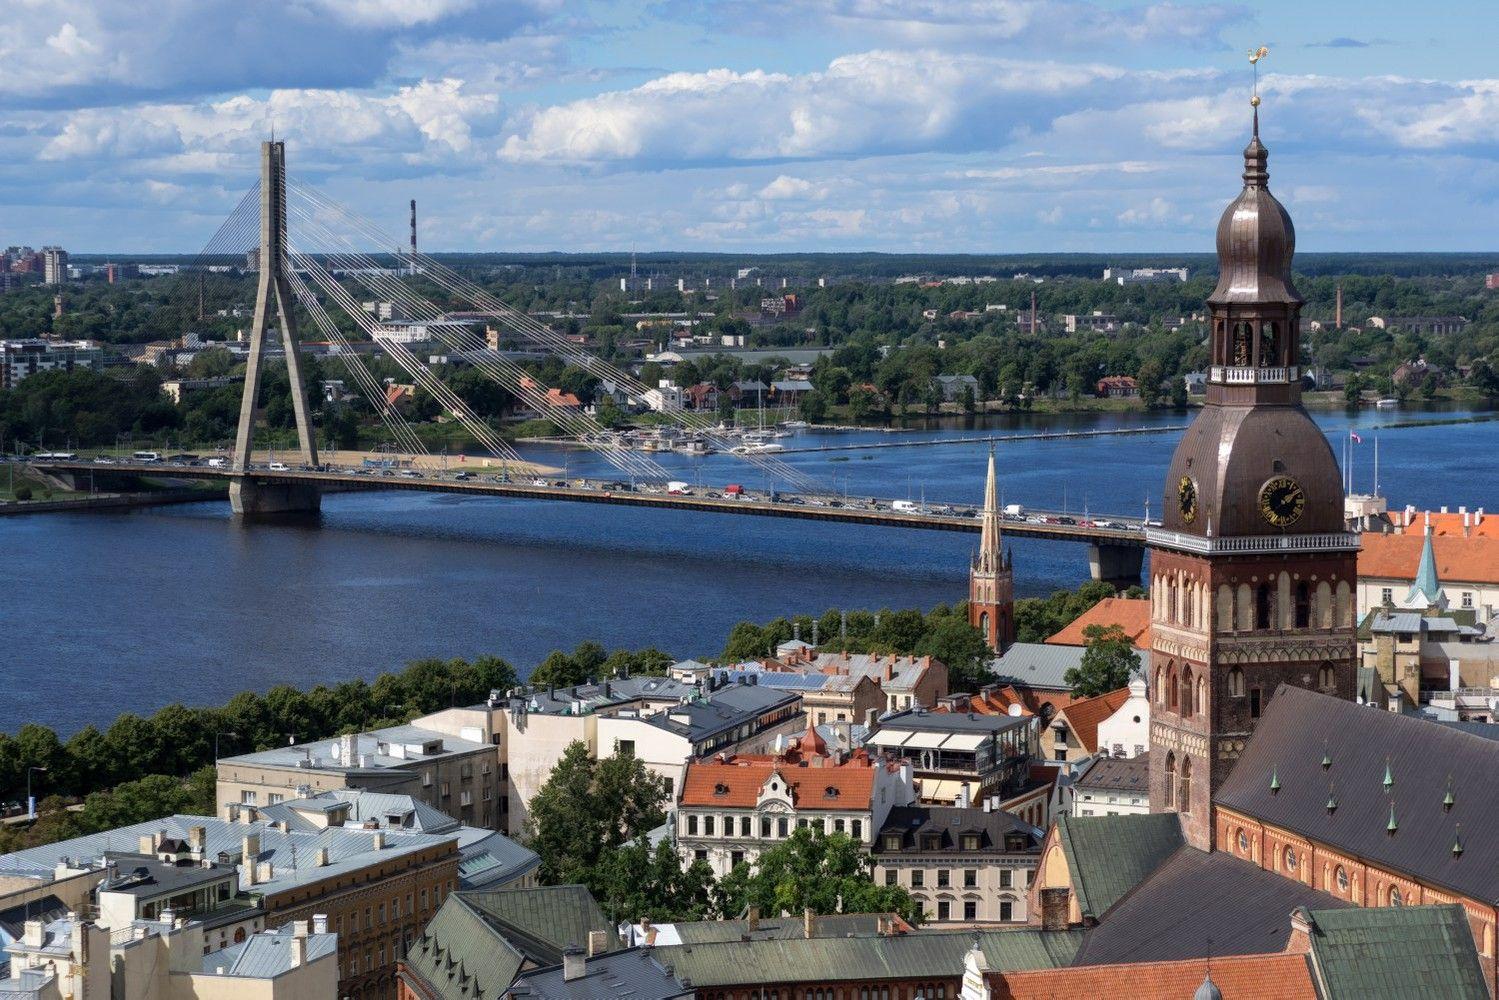 Latvijoje vyksta savivaldos rinkimai, didžiausia intriga – Rygoje